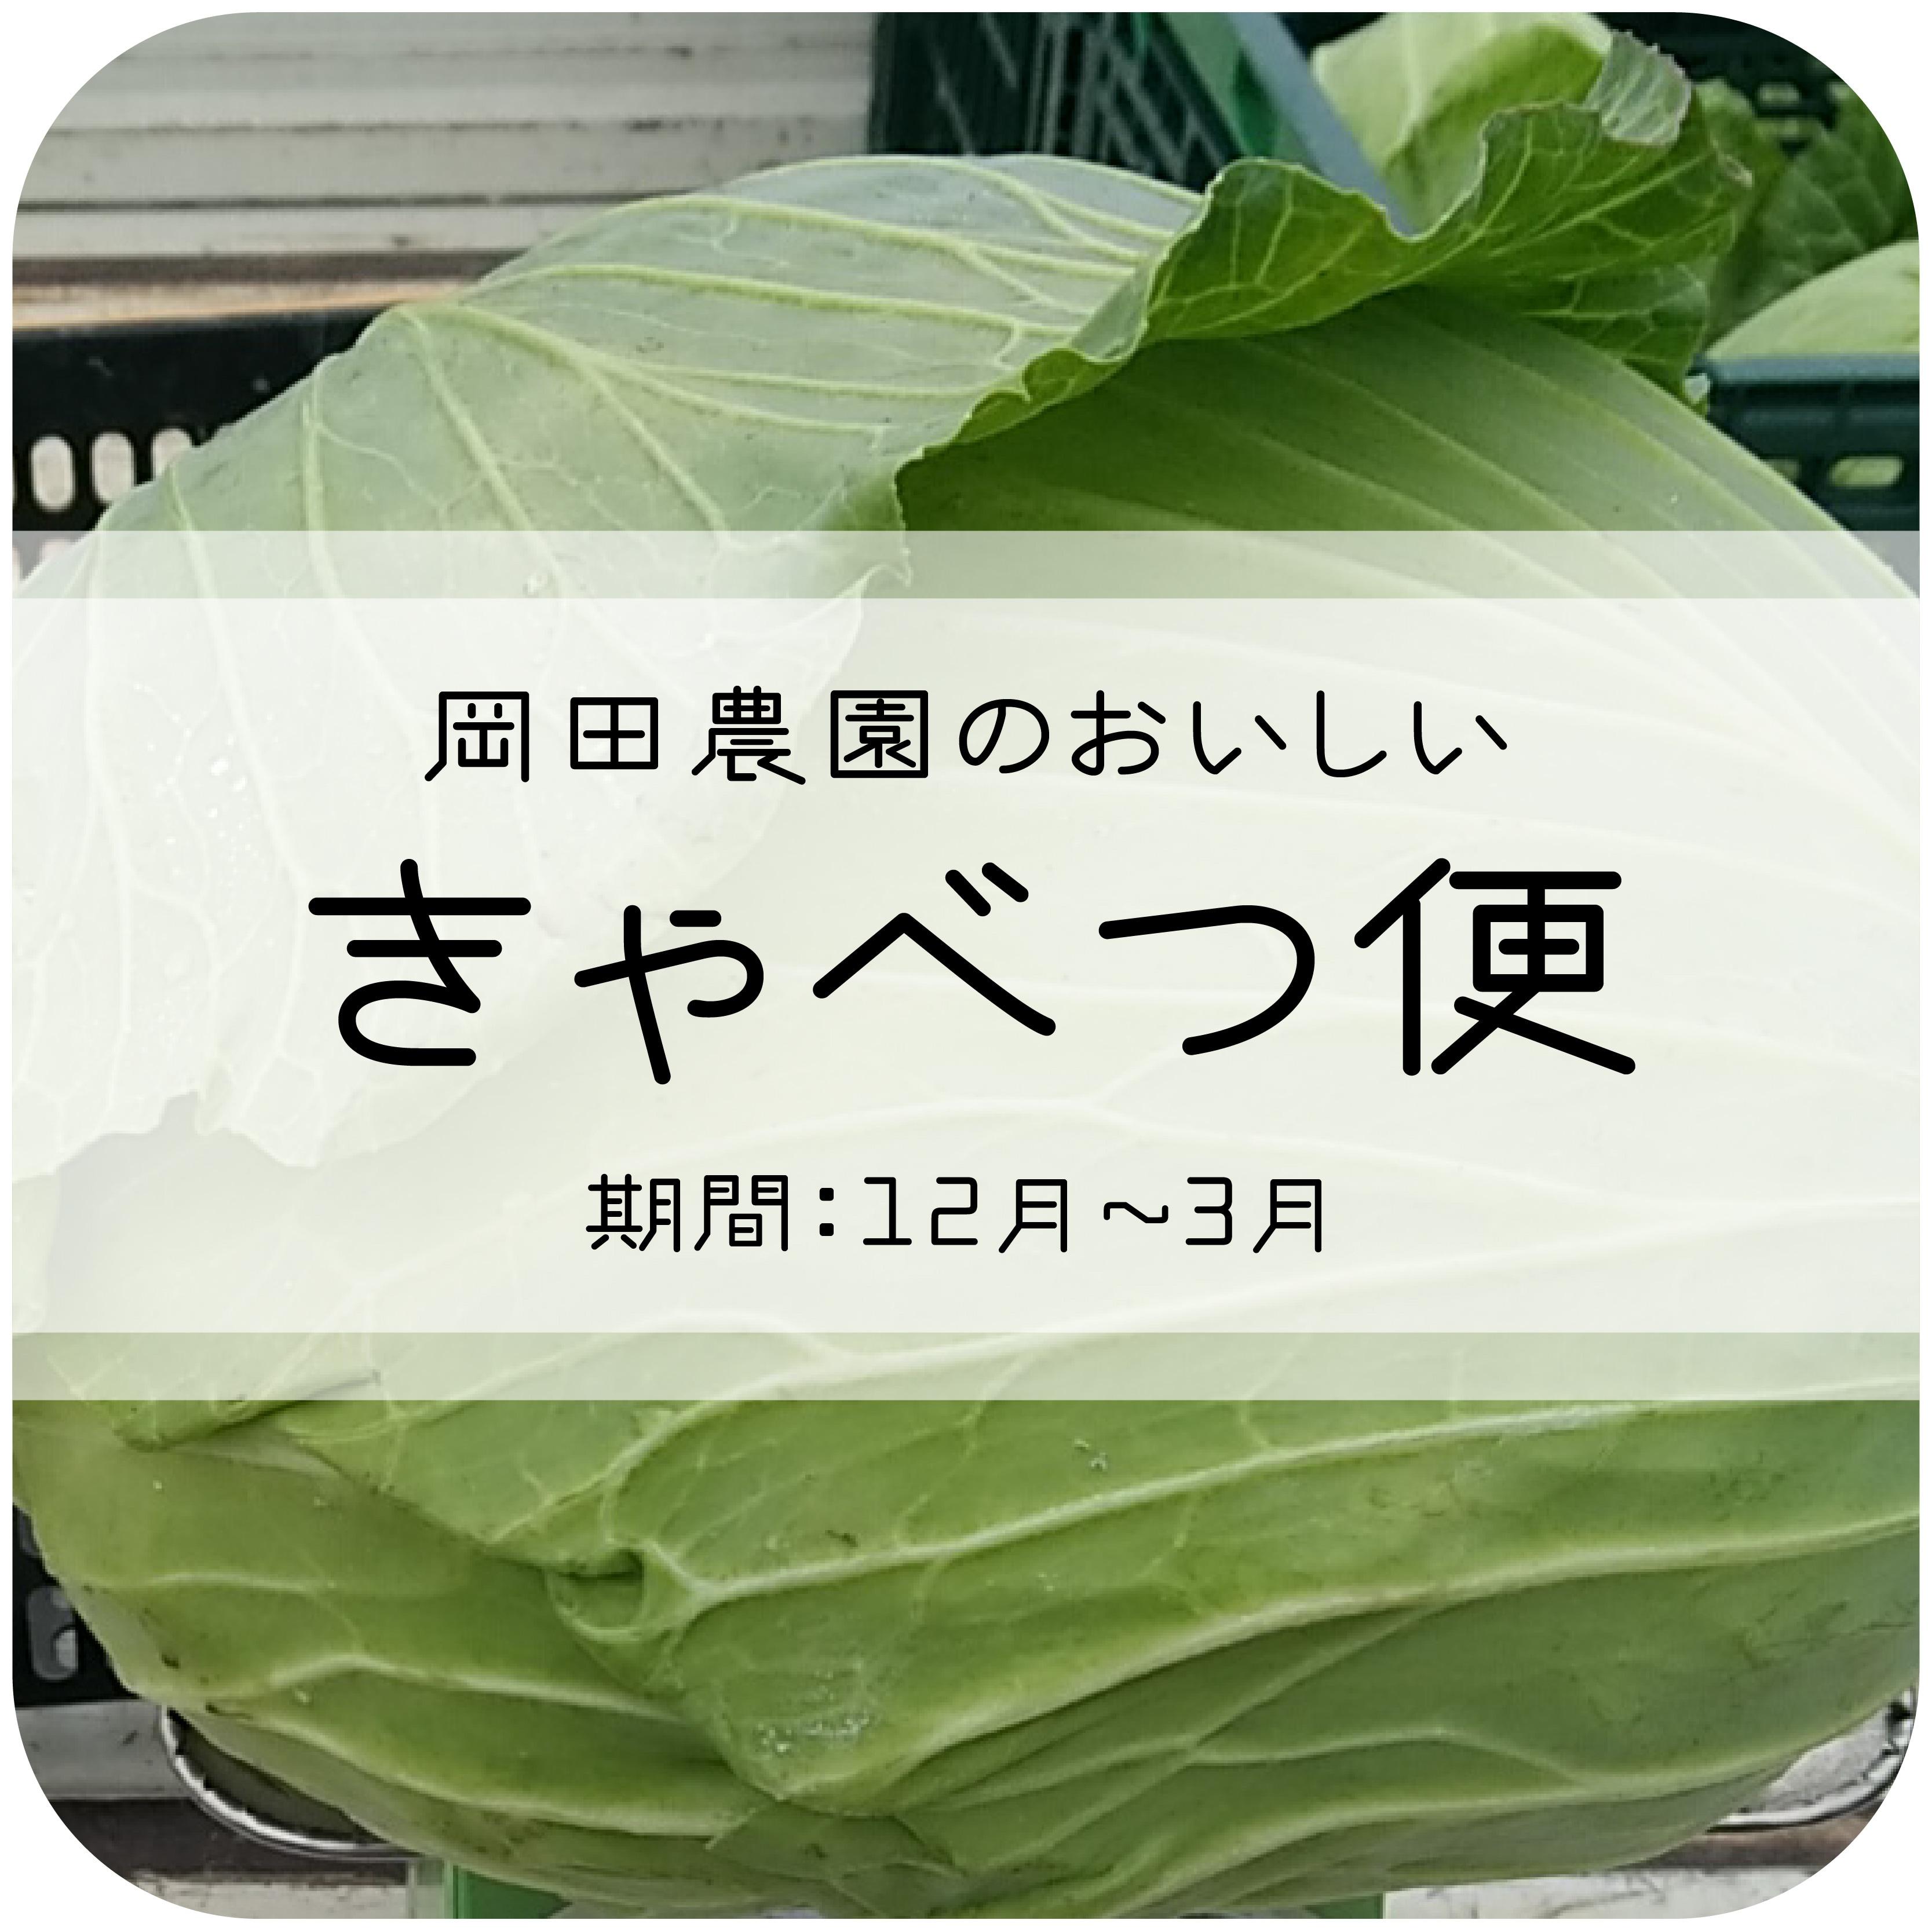 岡田農園のおいしいキャベツの定期便